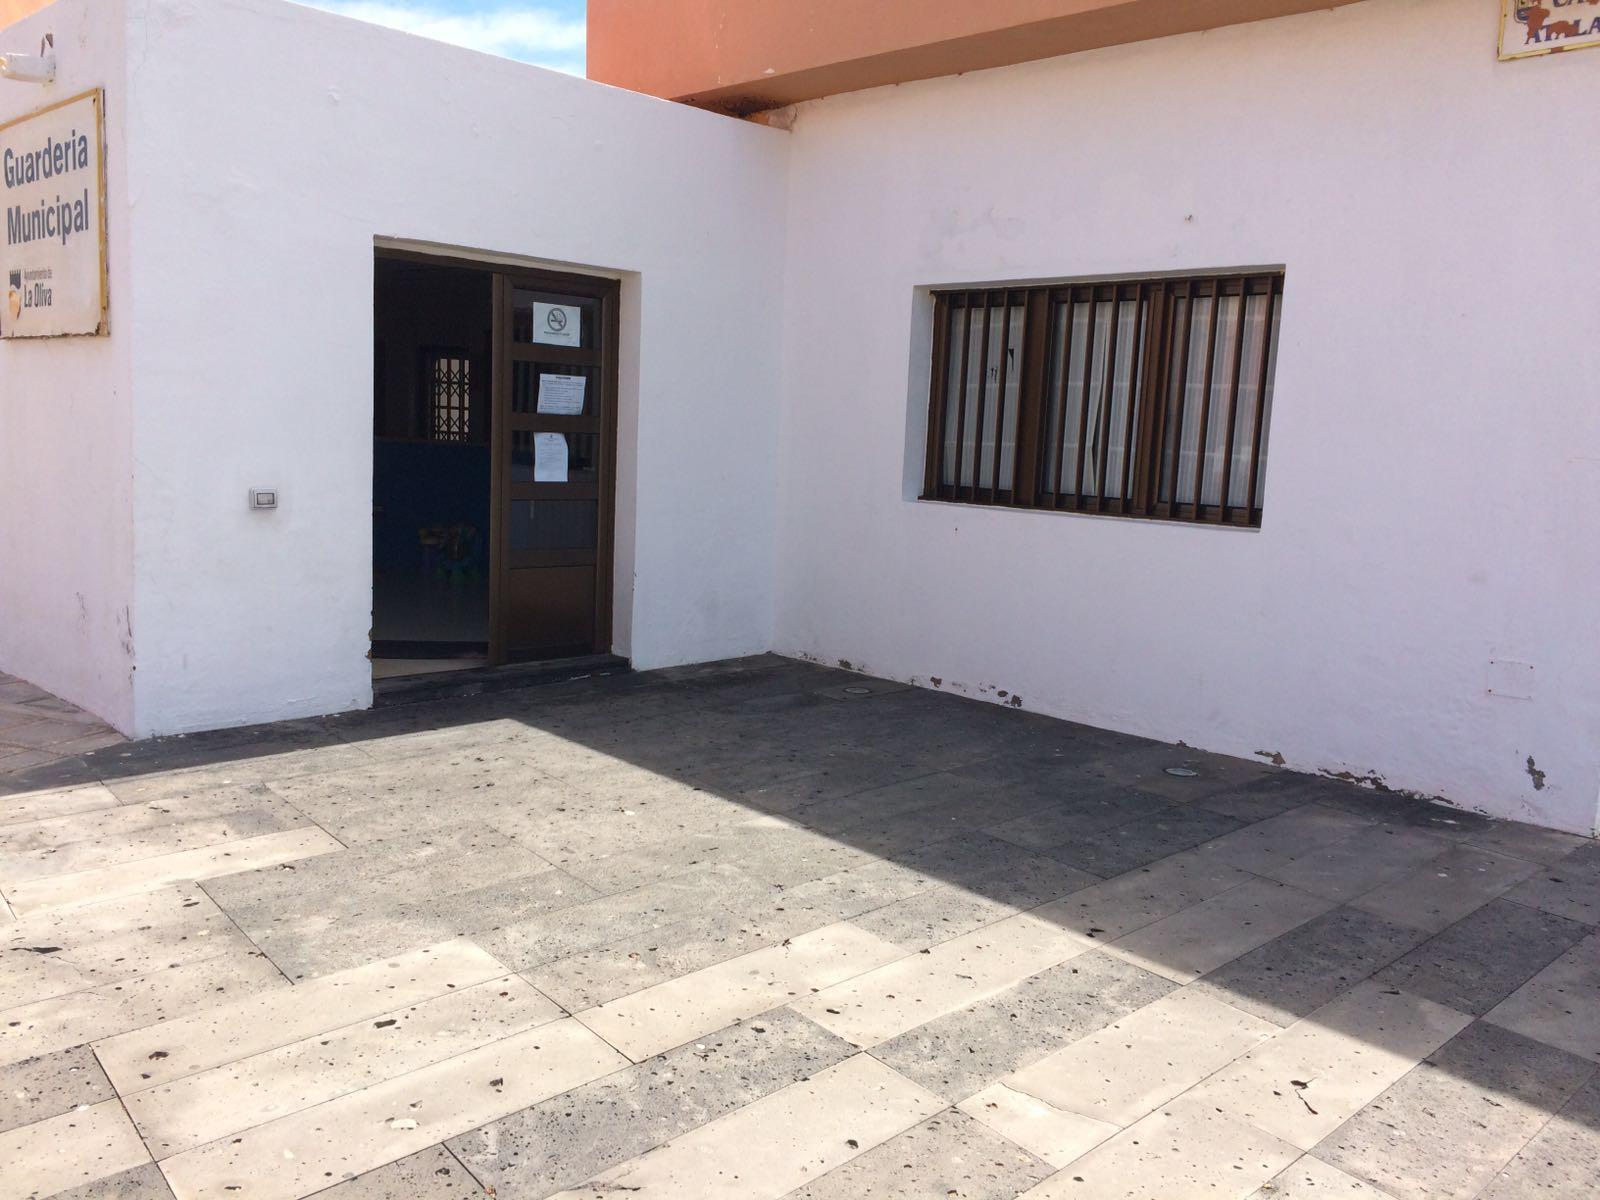 Escuela infantil La Oliva